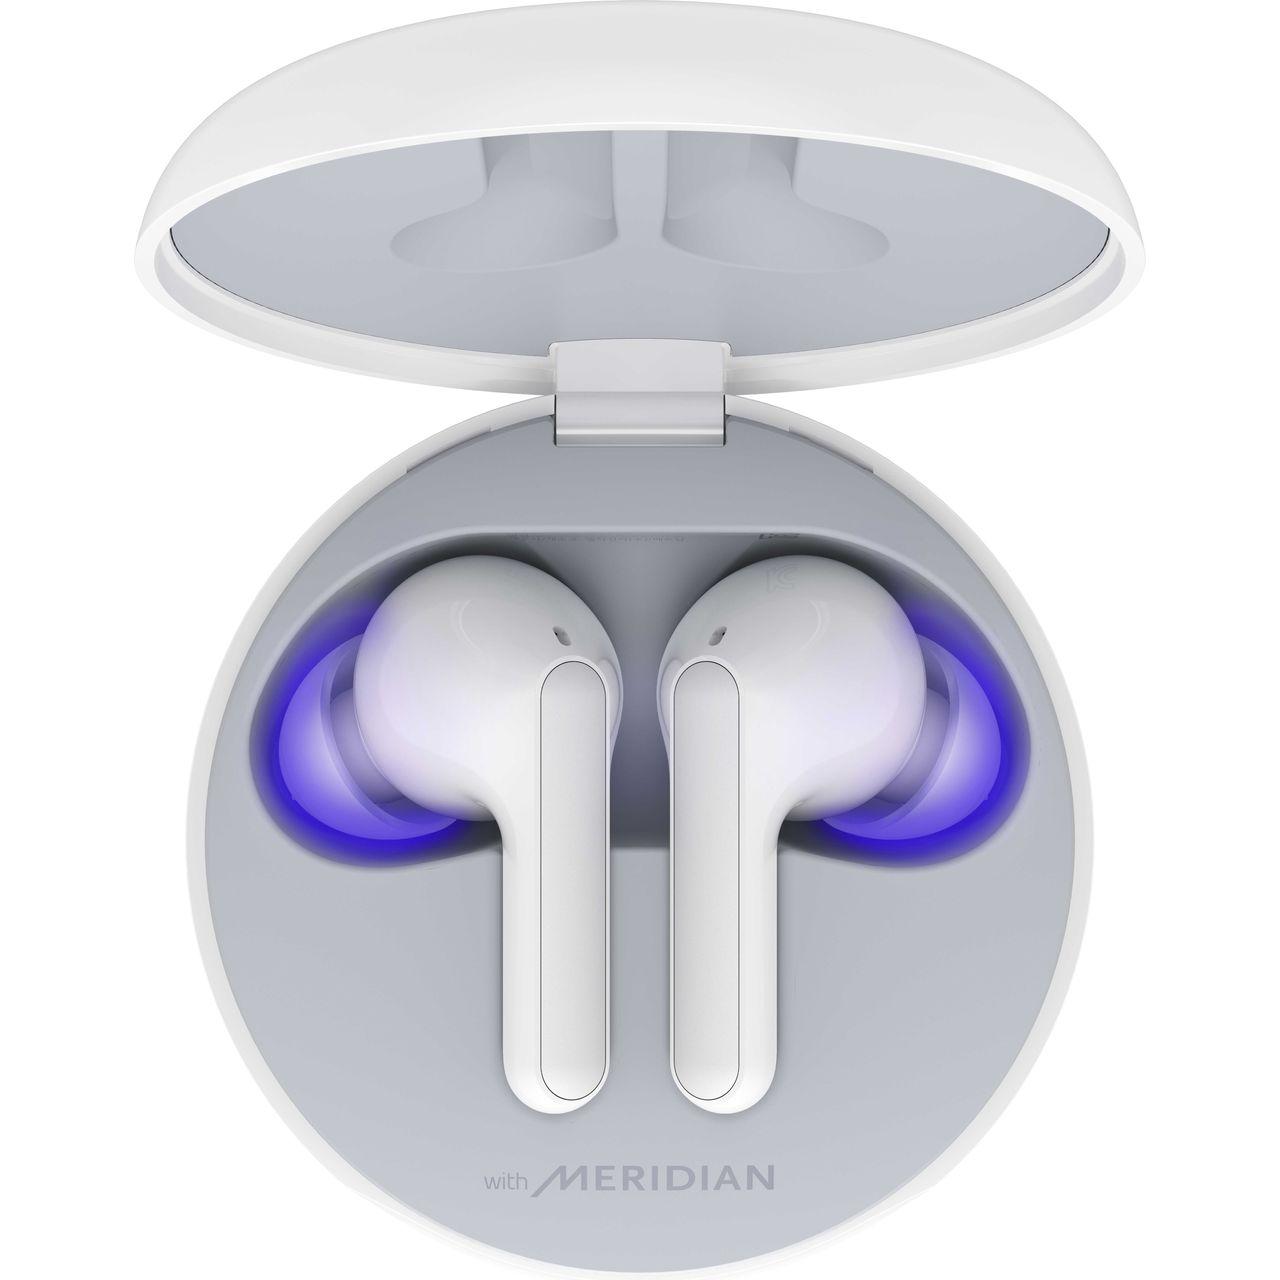 Artikel klicken und genauer betrachten! - LG HBS-FN6.ABEUWH Audio - Weiß Freistehend, (H)3,3 x (B)1,6 x (T)2,5 Kostenlos im Lieferpreis enthalten ist der 2 Mann Service zum Wunschort. Lieferung Mo-Sa! Liefertermin auswählbar! Artikel ist in der Farbe Weiß. Abmessung beträgt (H)3,3 x (B)1,6 x (T)2,5.   im Online Shop kaufen